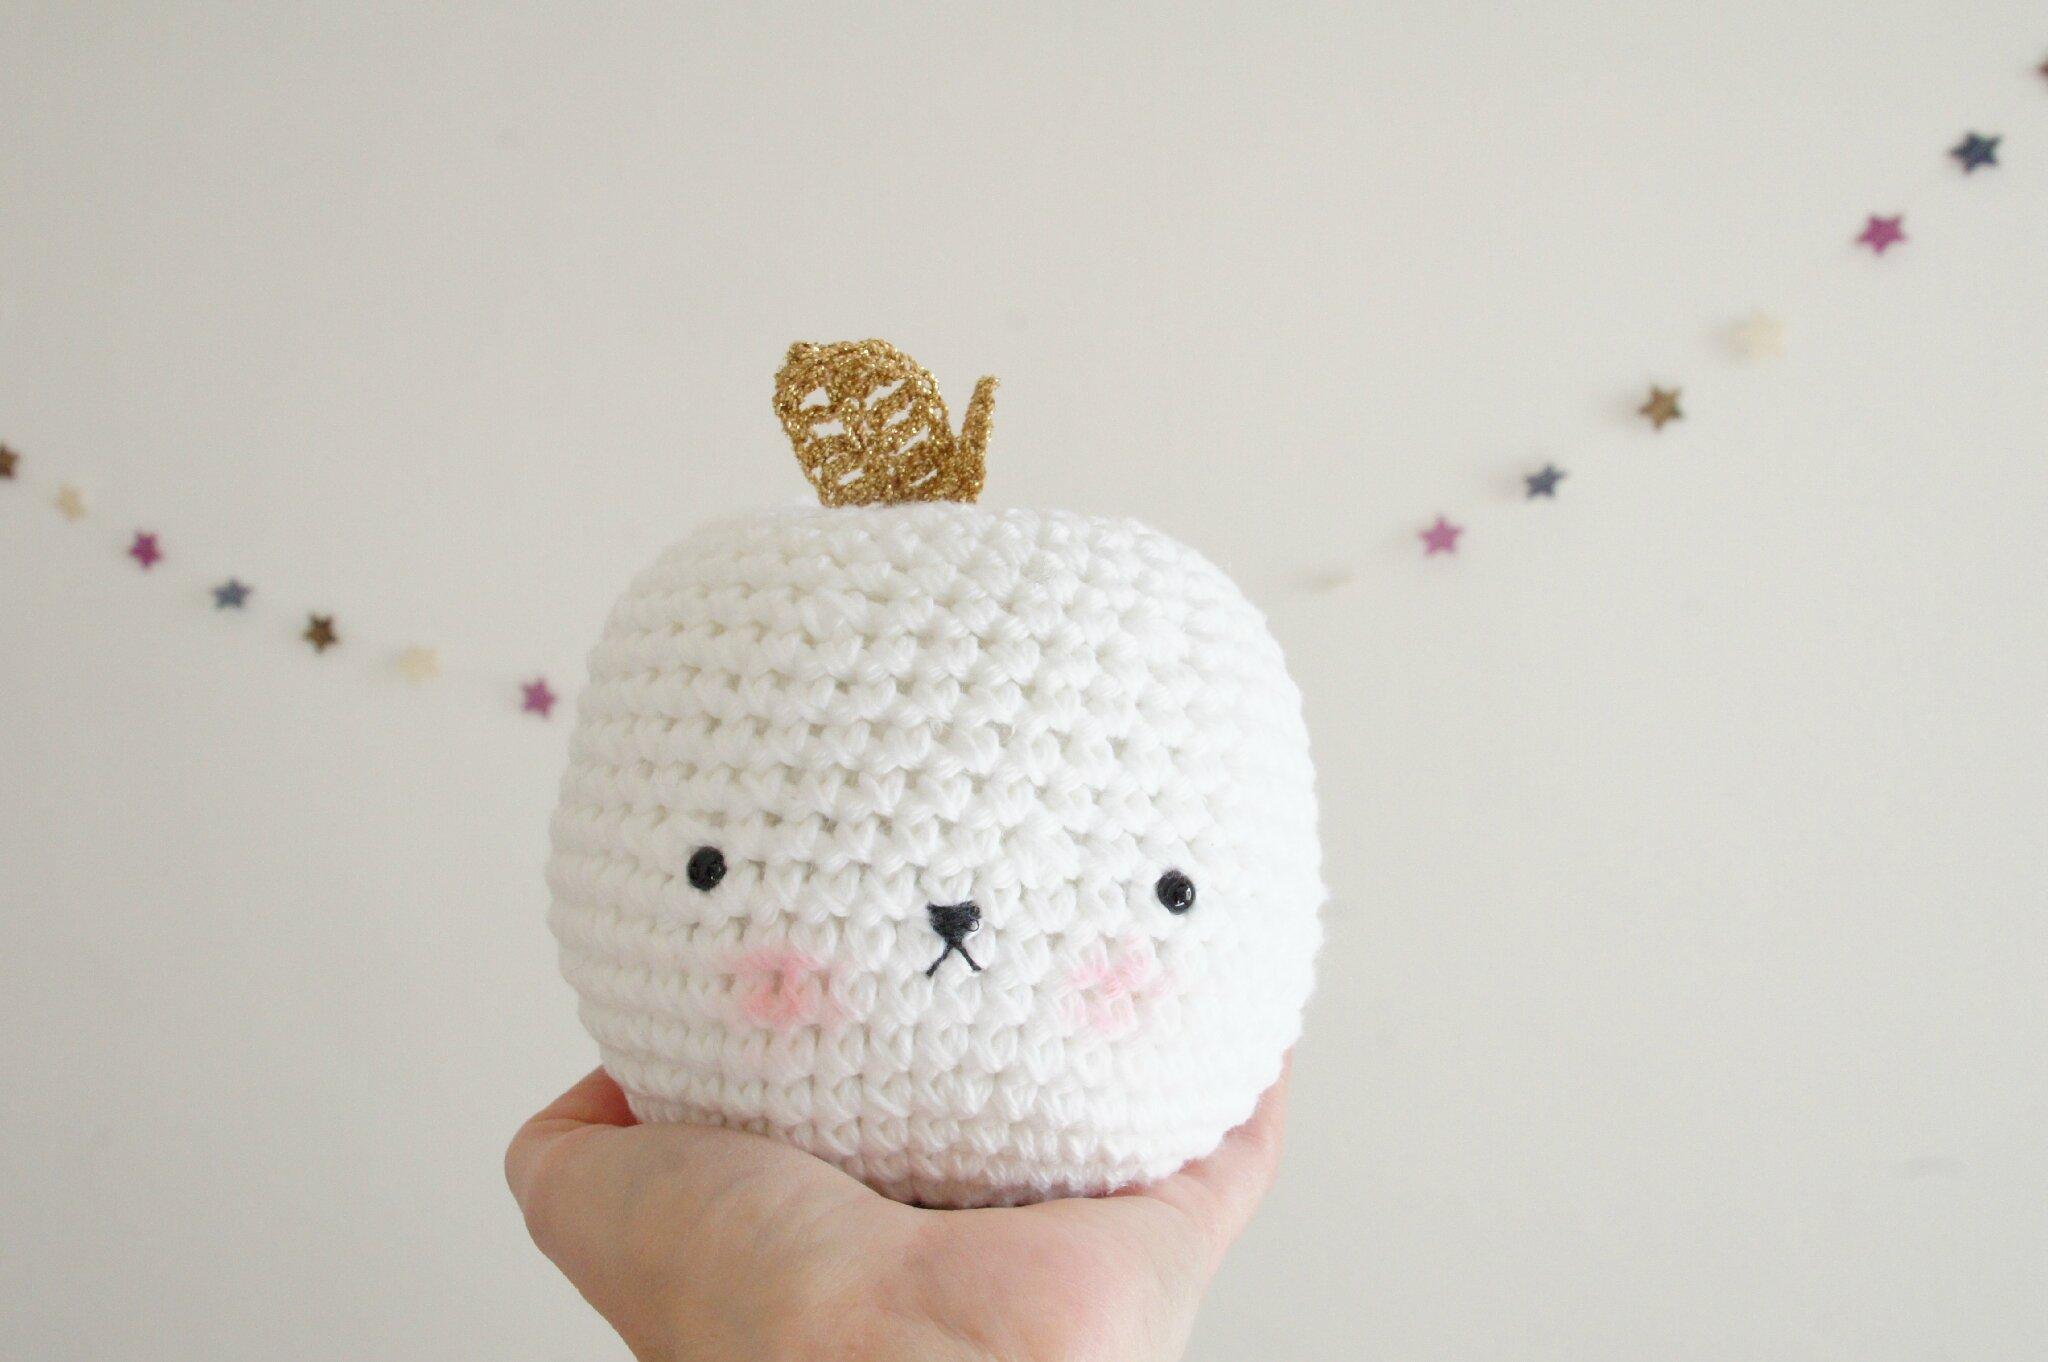 Amigurumi Tuto : Tuto golden apple tournicote à cloche pied